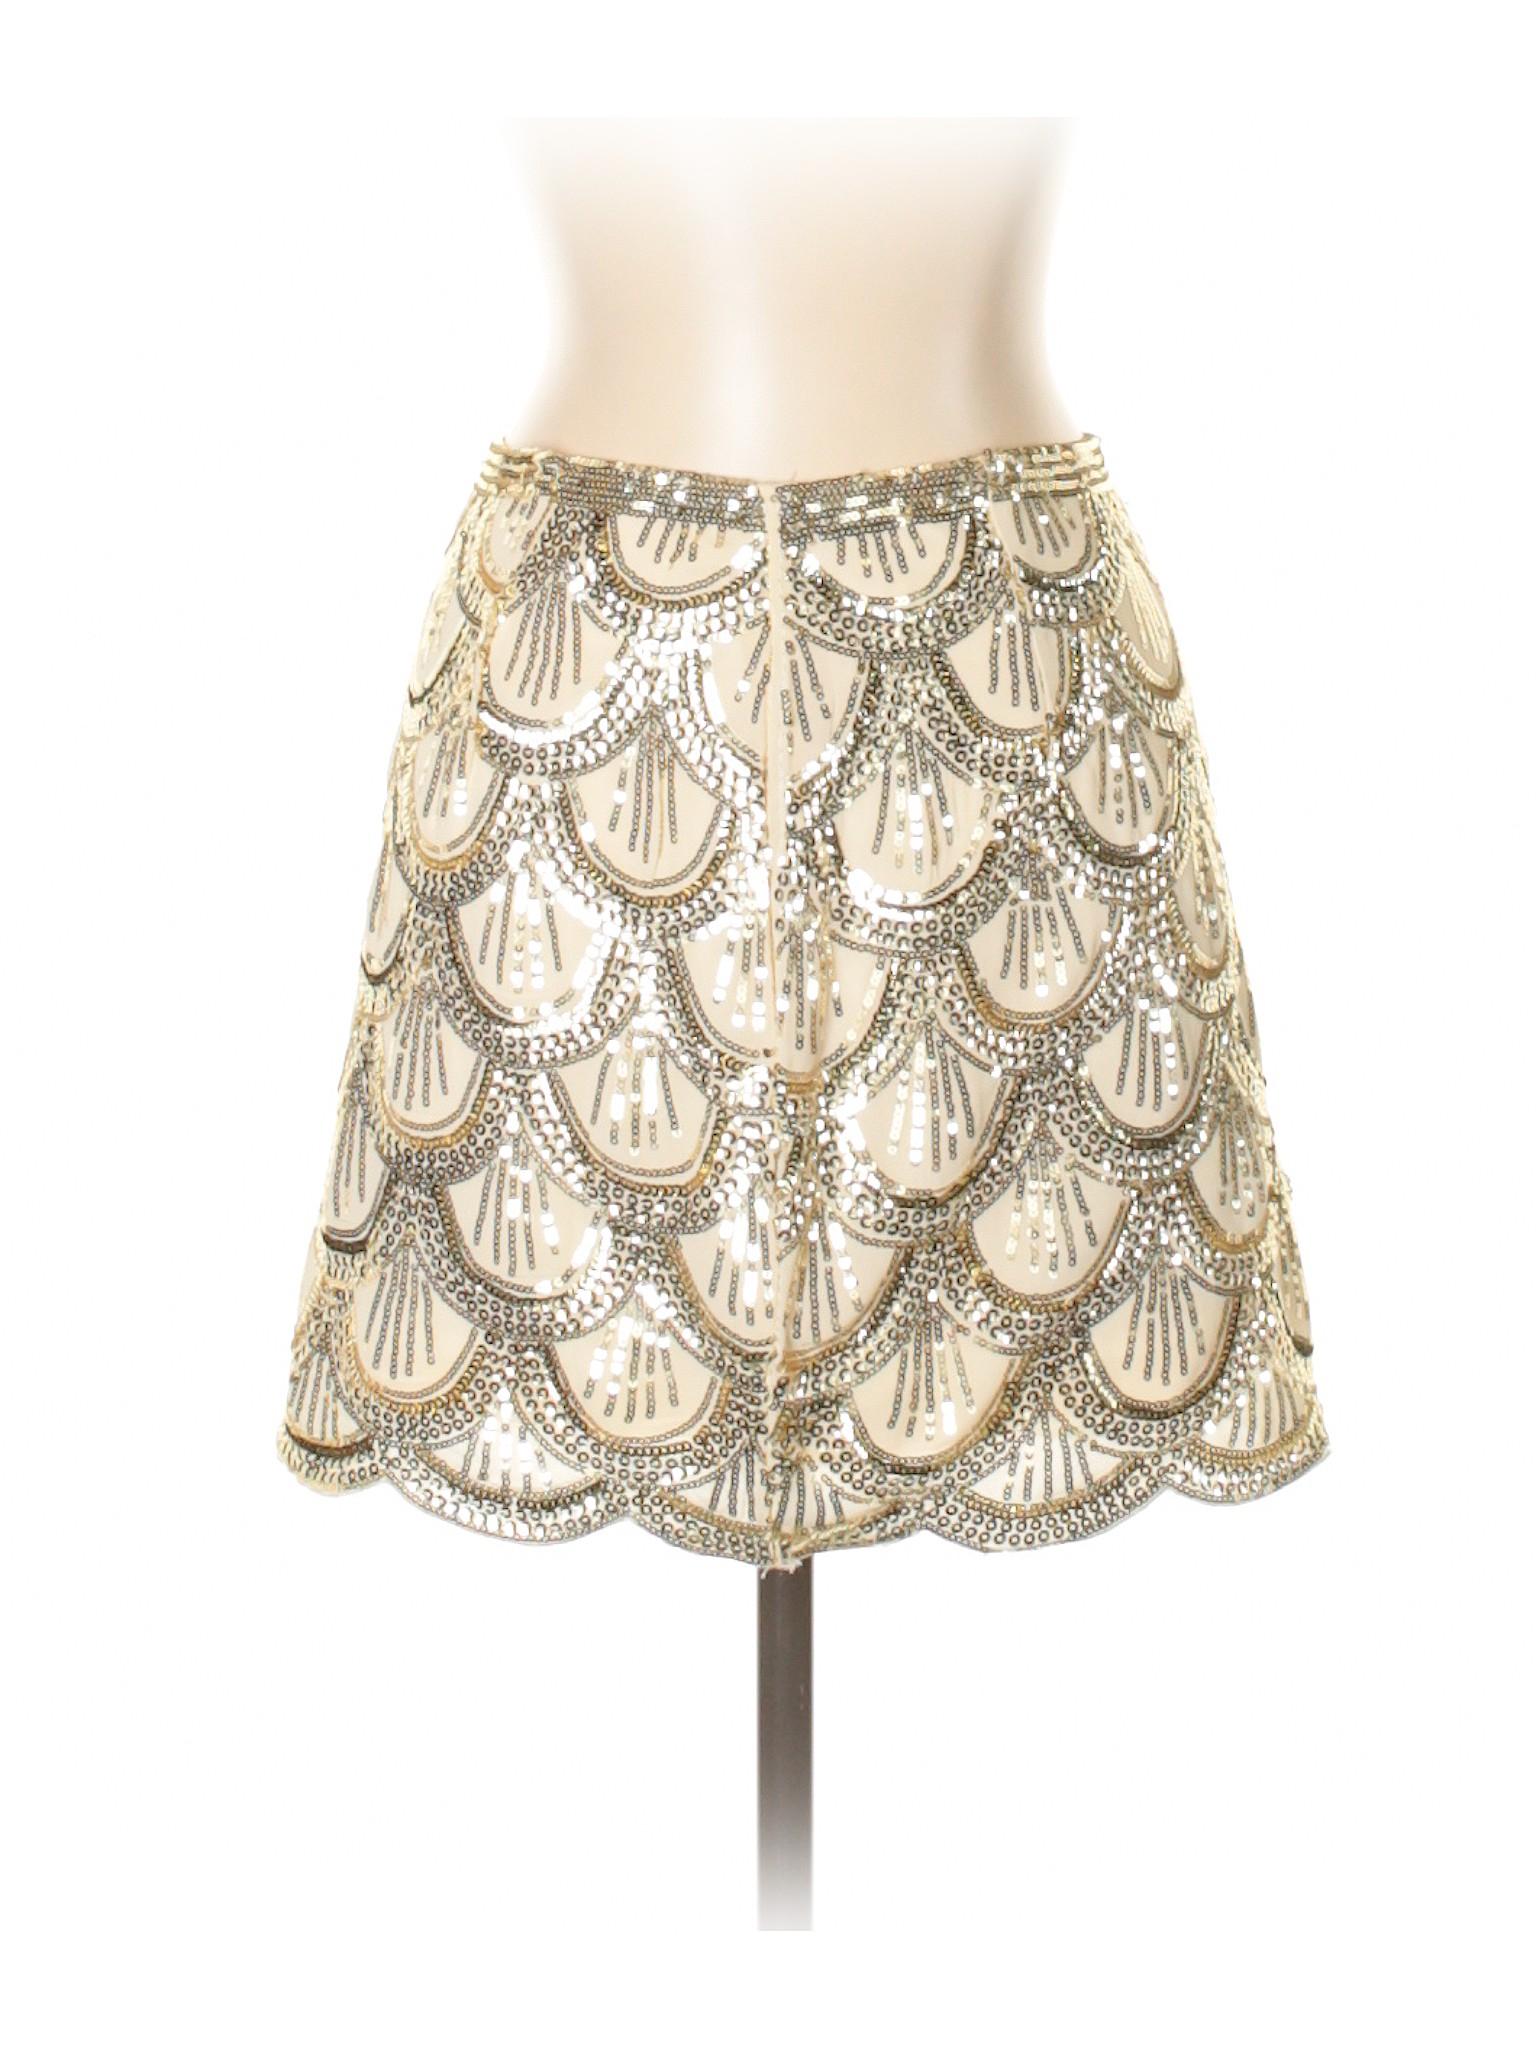 Skirt Boutique Boutique Formal Skirt Formal TOBI TOBI TOBI Skirt Boutique Formal YxqSwKRqvA